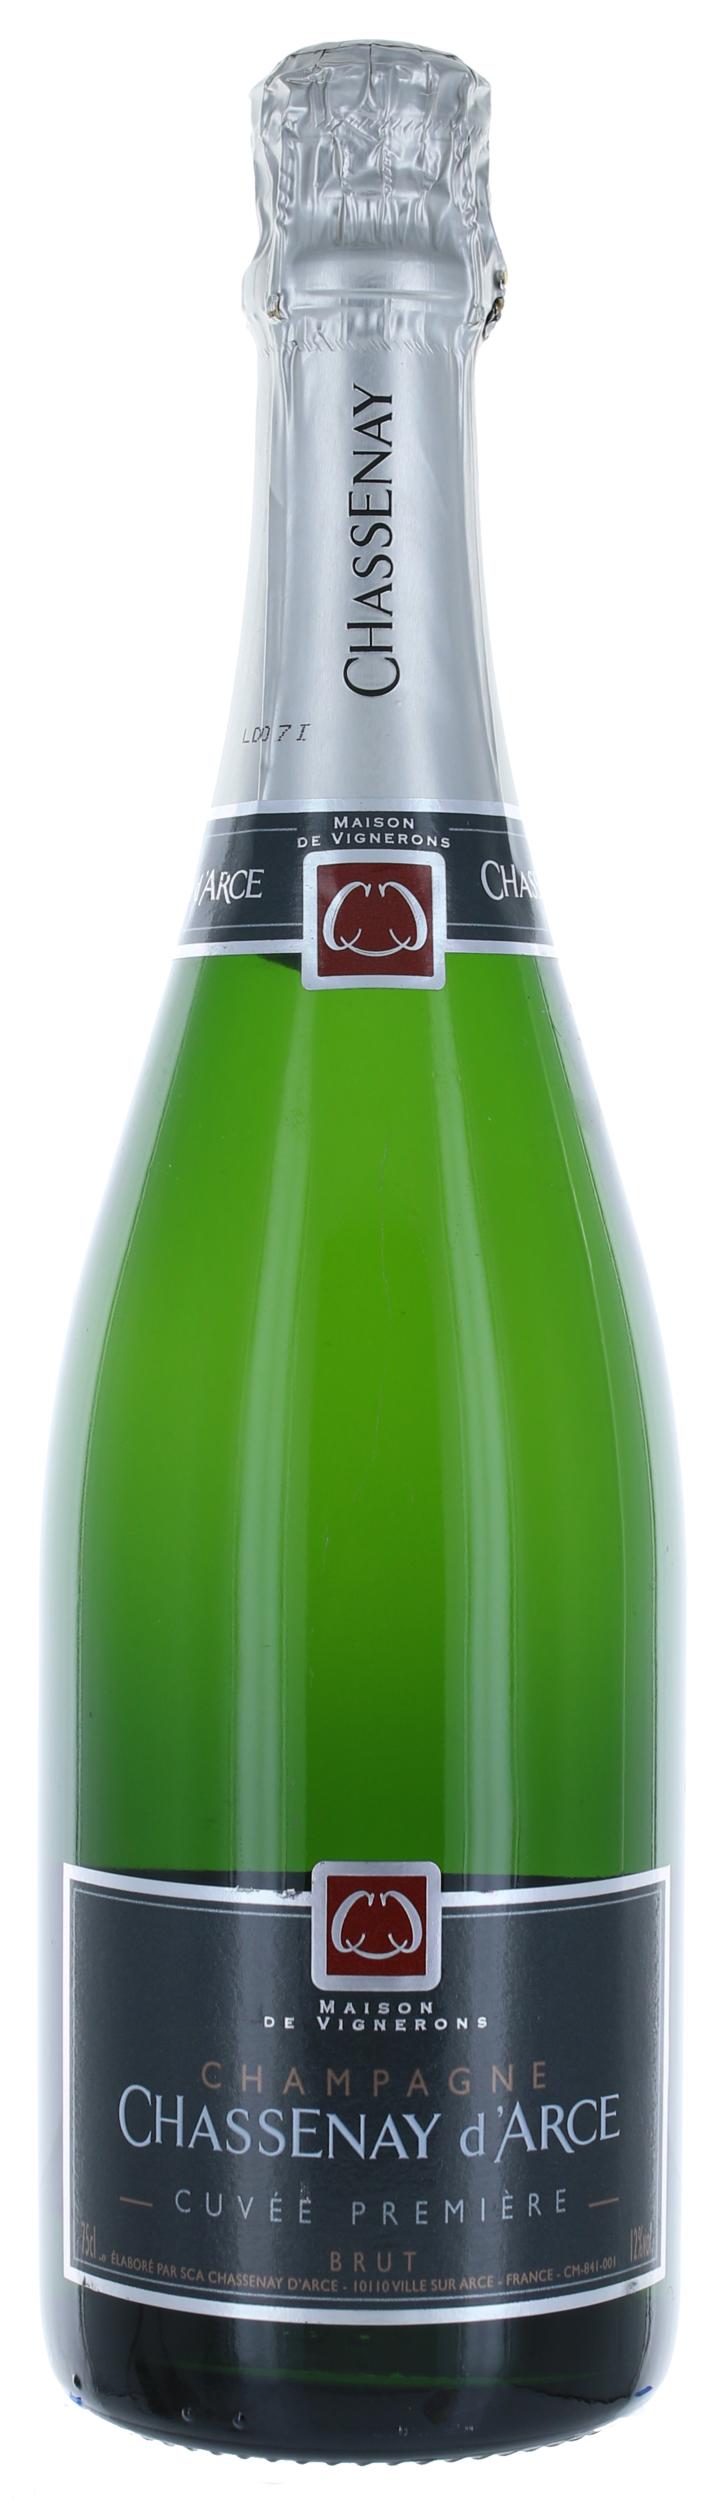 Cuvée Première Brut - Champagne Chassenay D\'Arce - Demi-Bouteille - 37,5cl